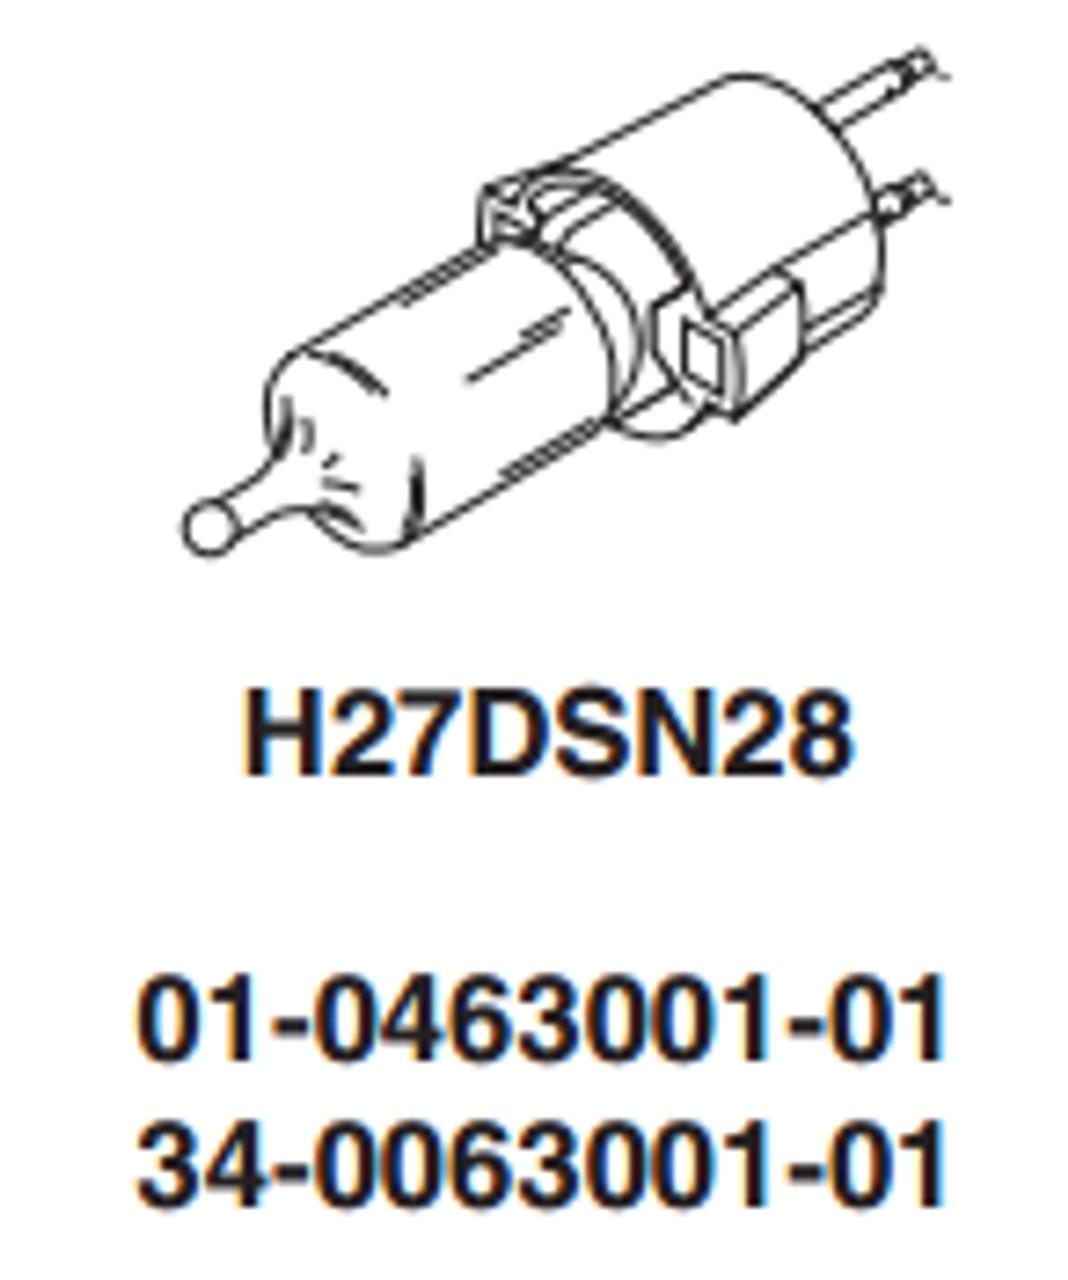 Whelen Replacement Halogen Bulb 27 Watt H27DSN28